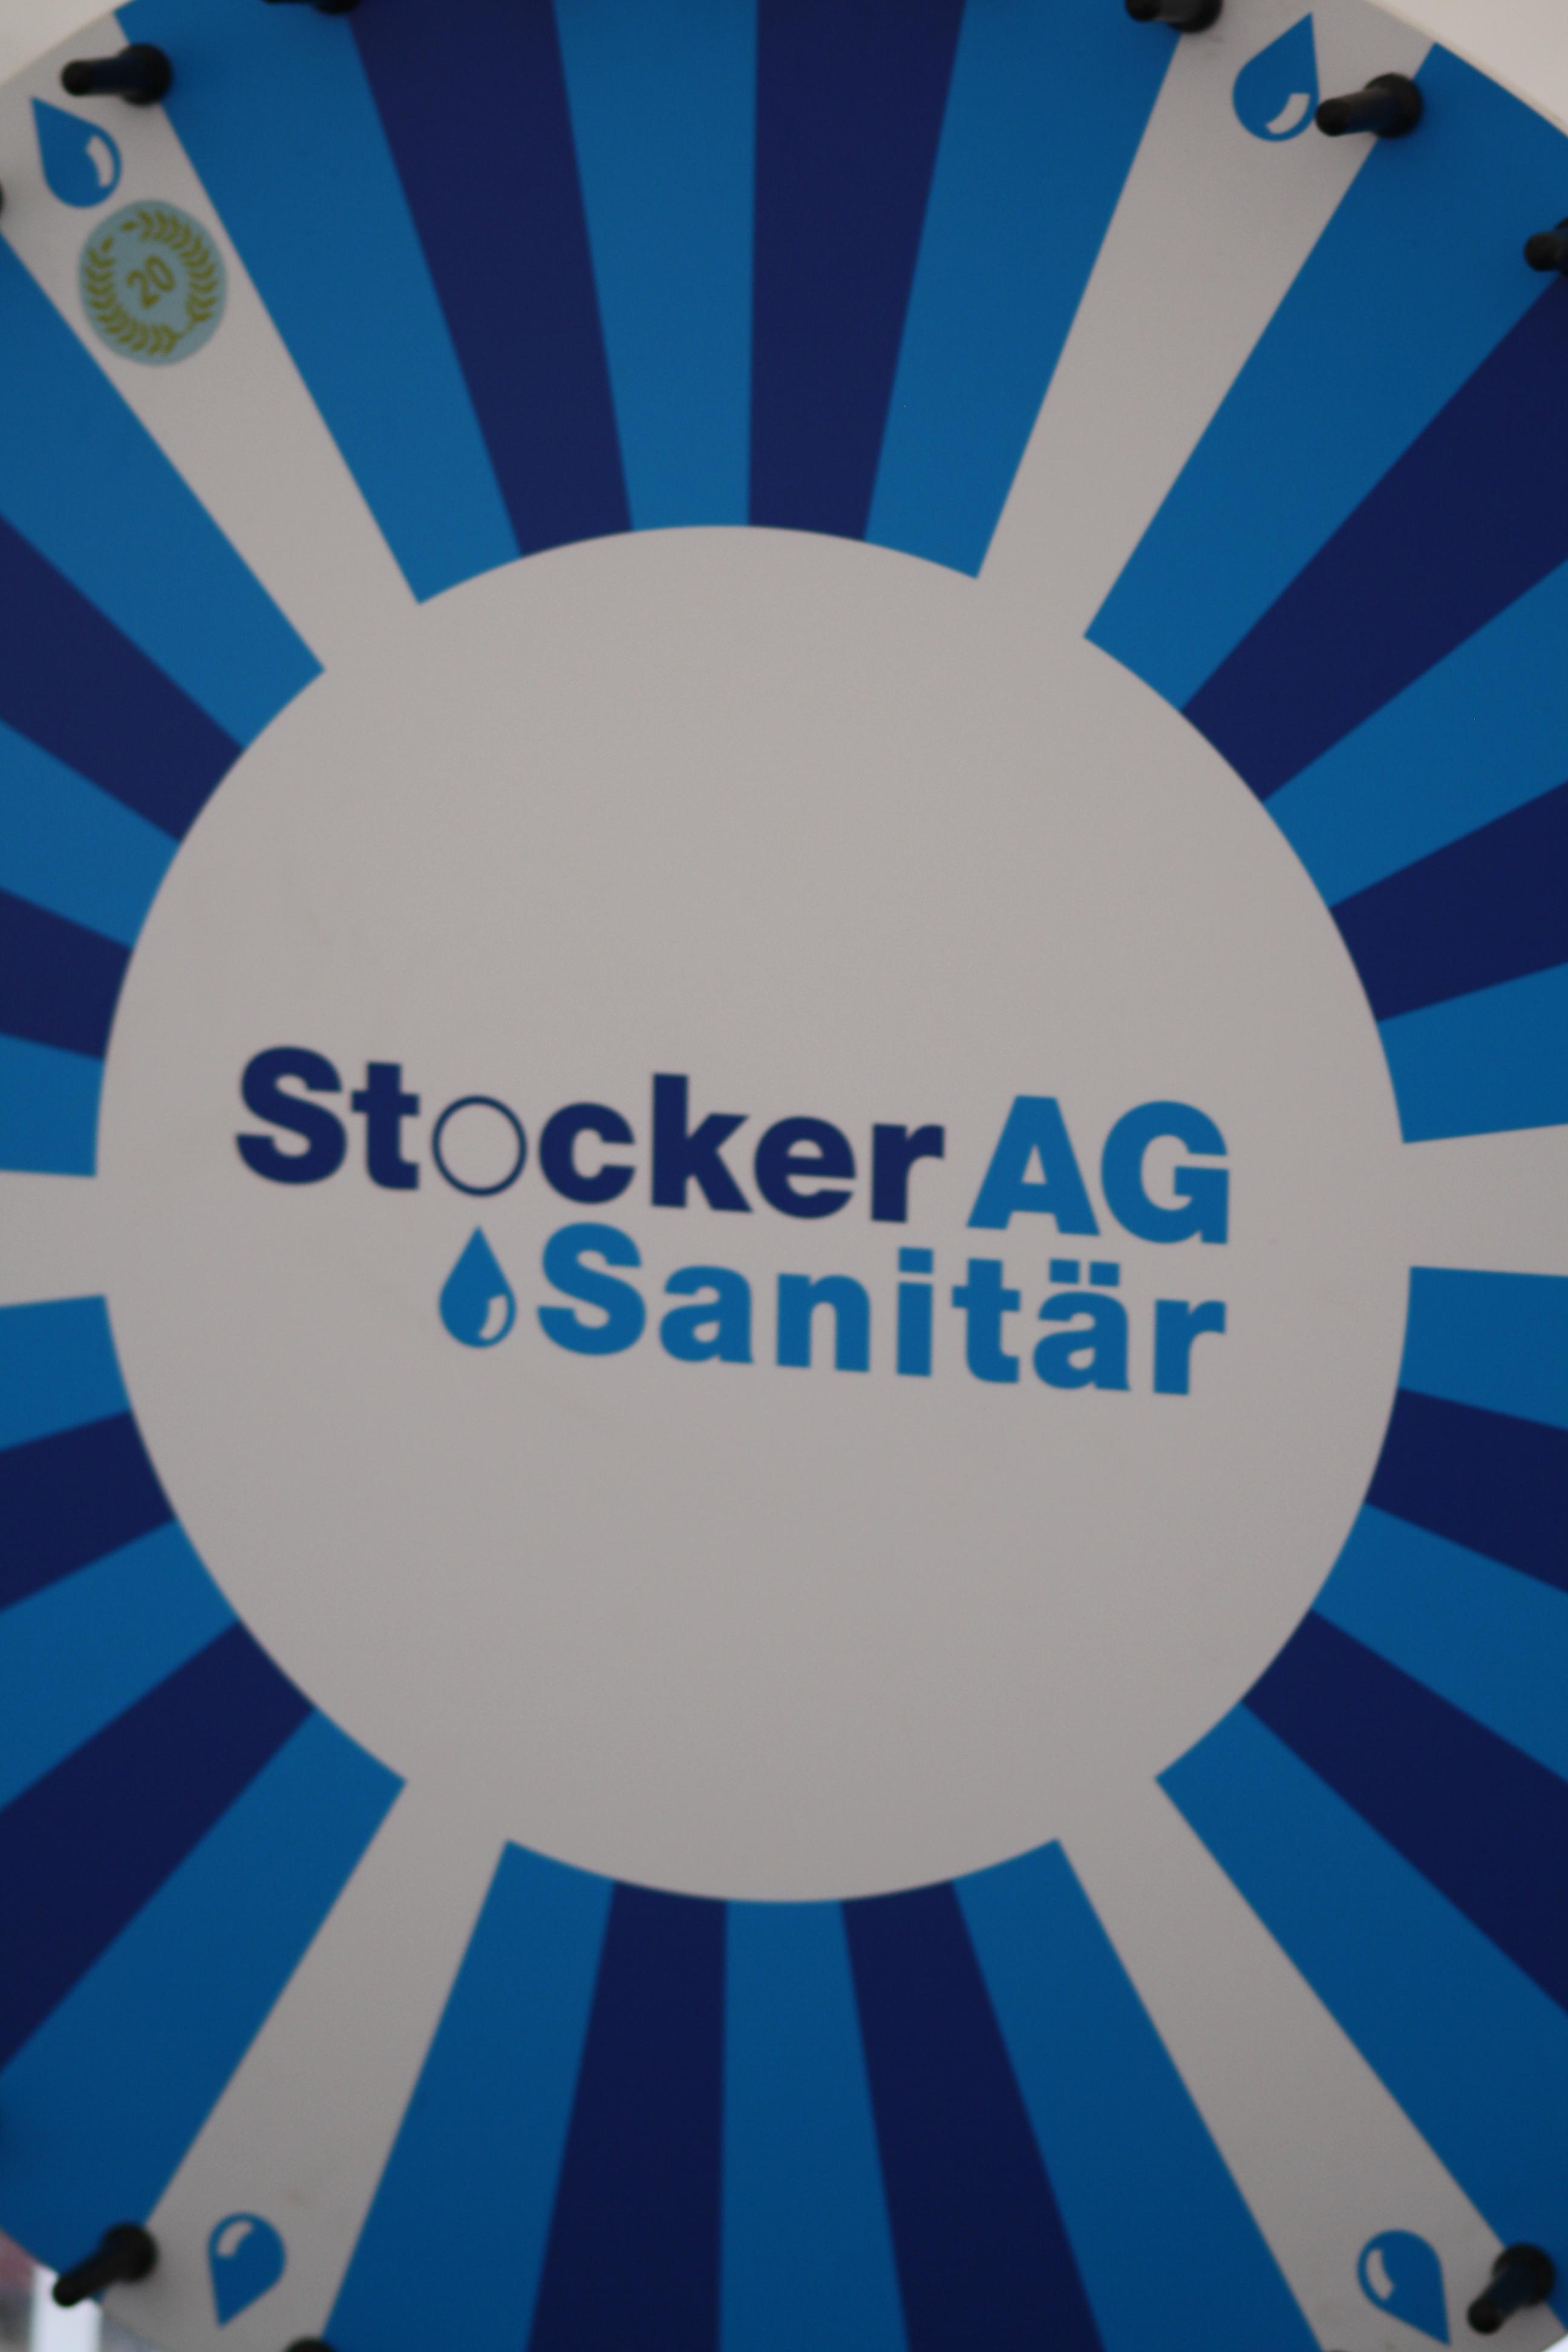 Stocker Sanitär AG